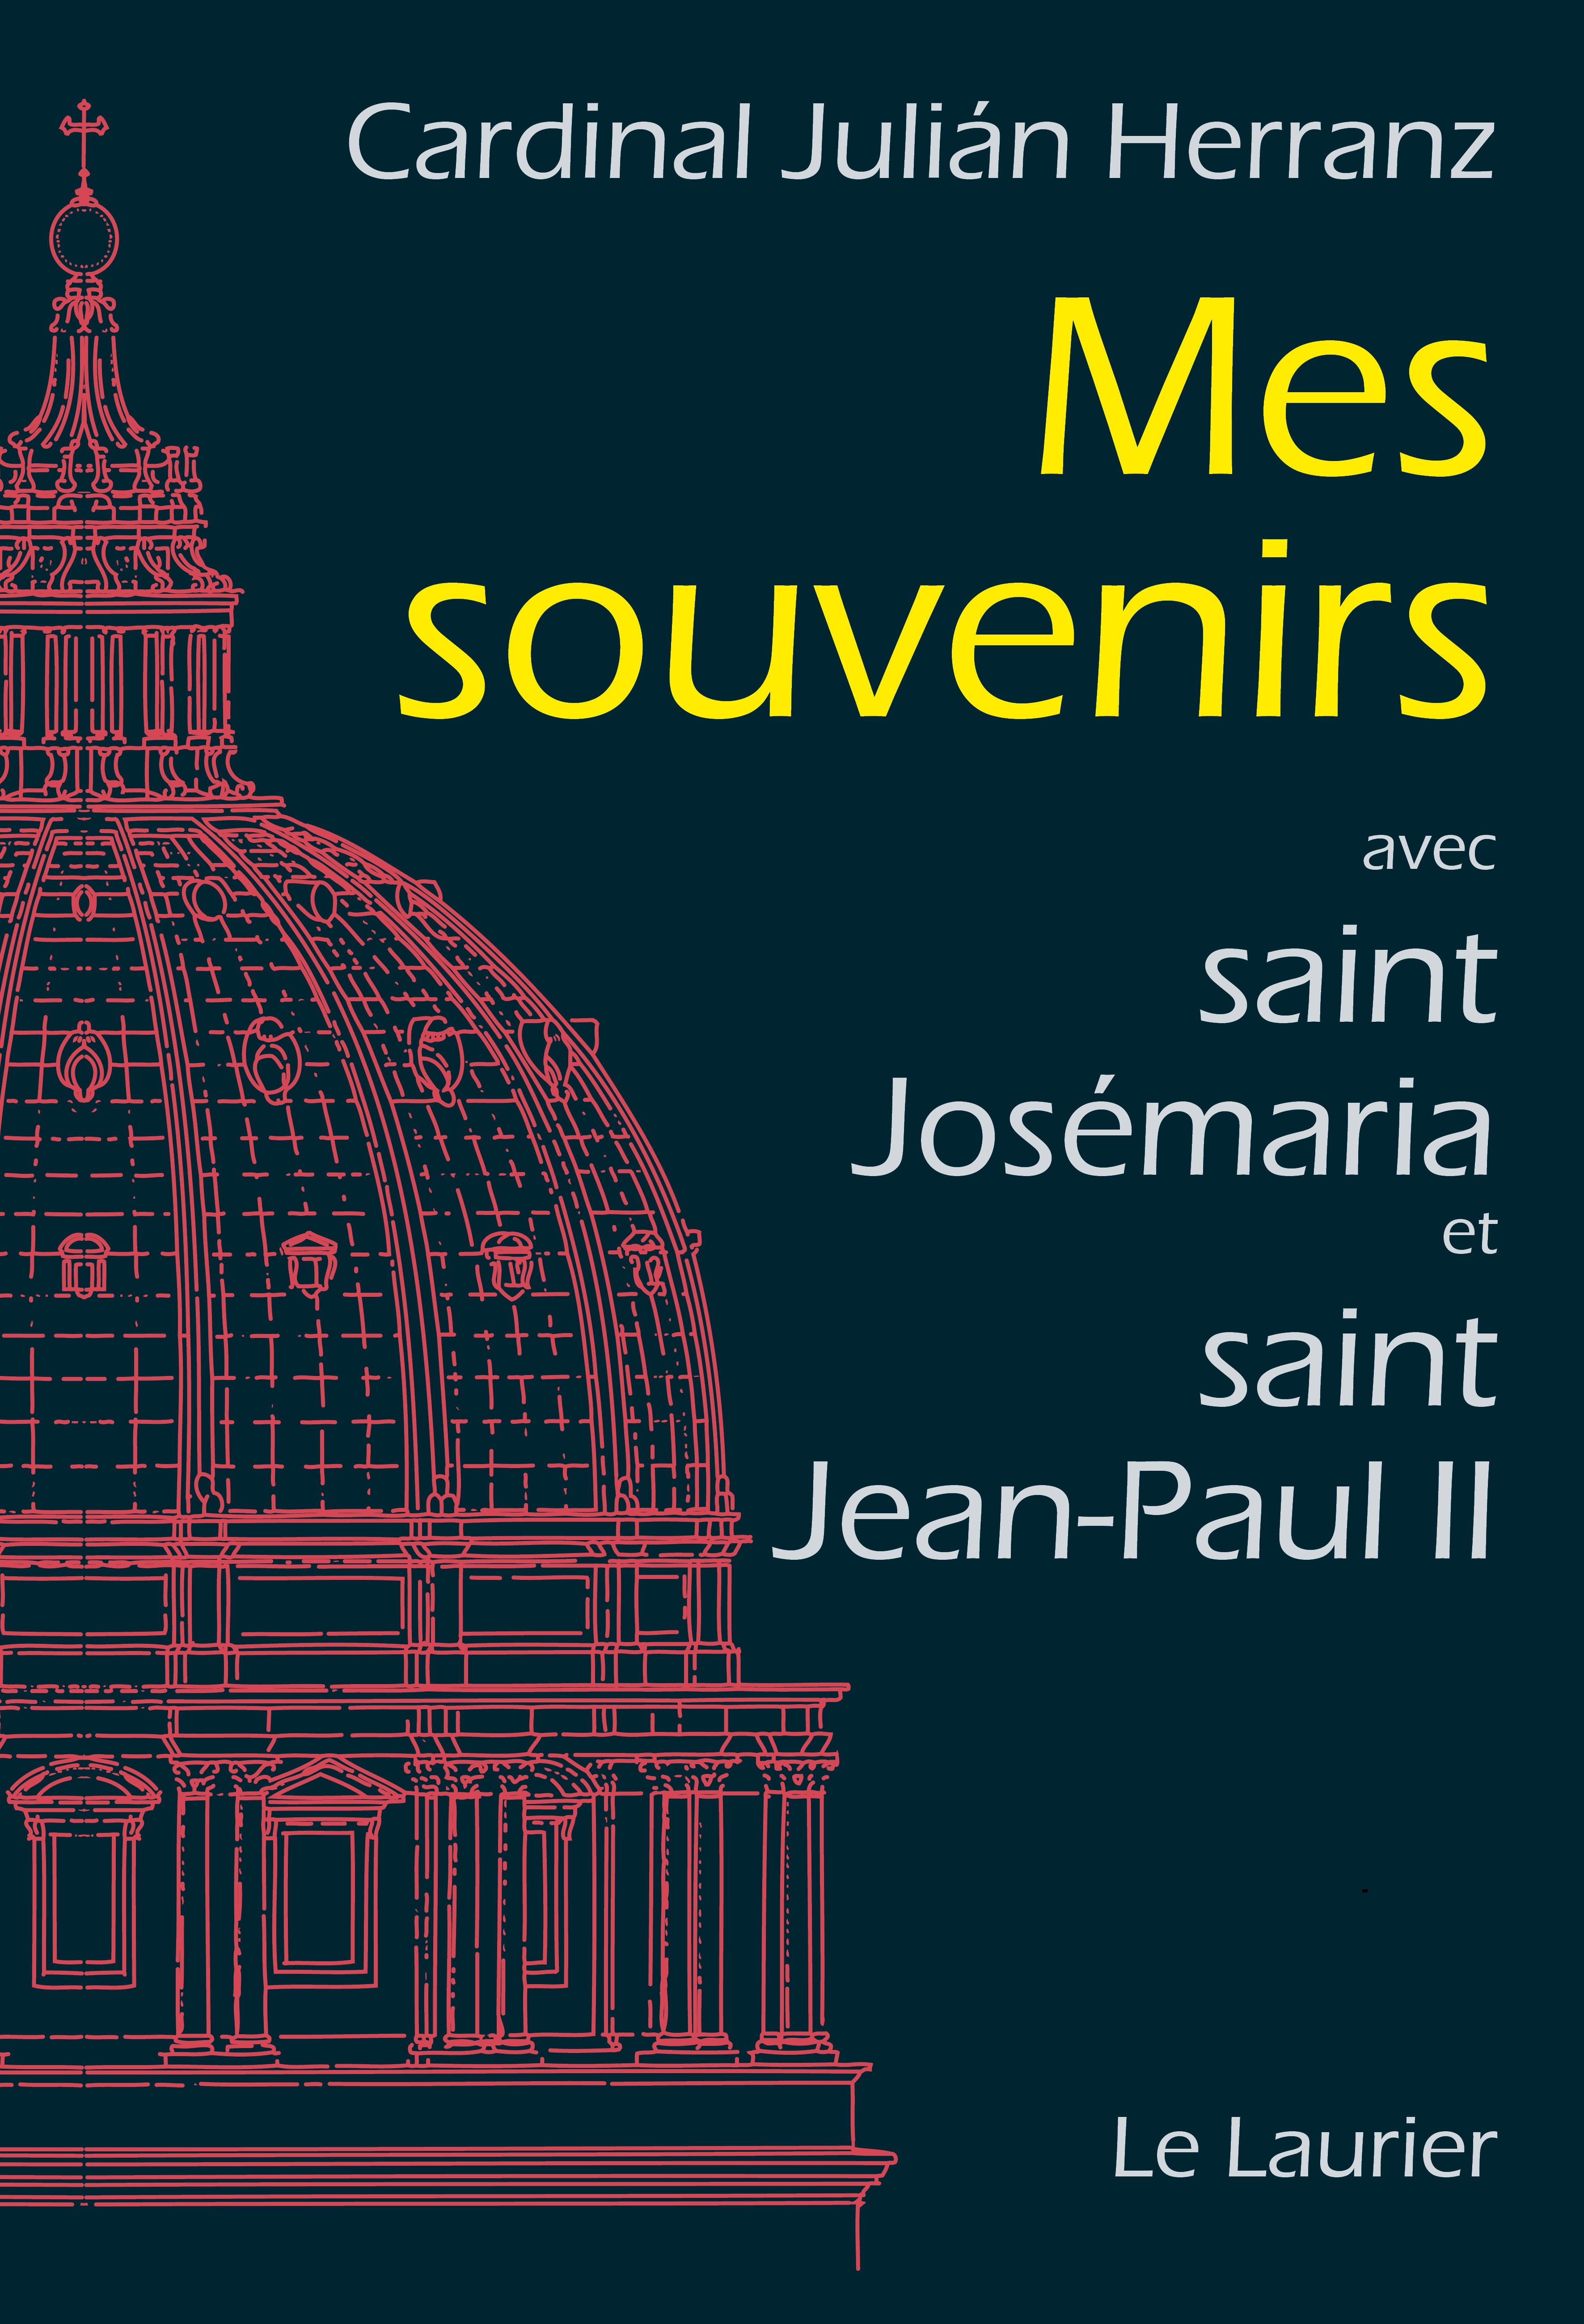 Mes souvenirs avec saint Josémaria et saint Jean-Paul II